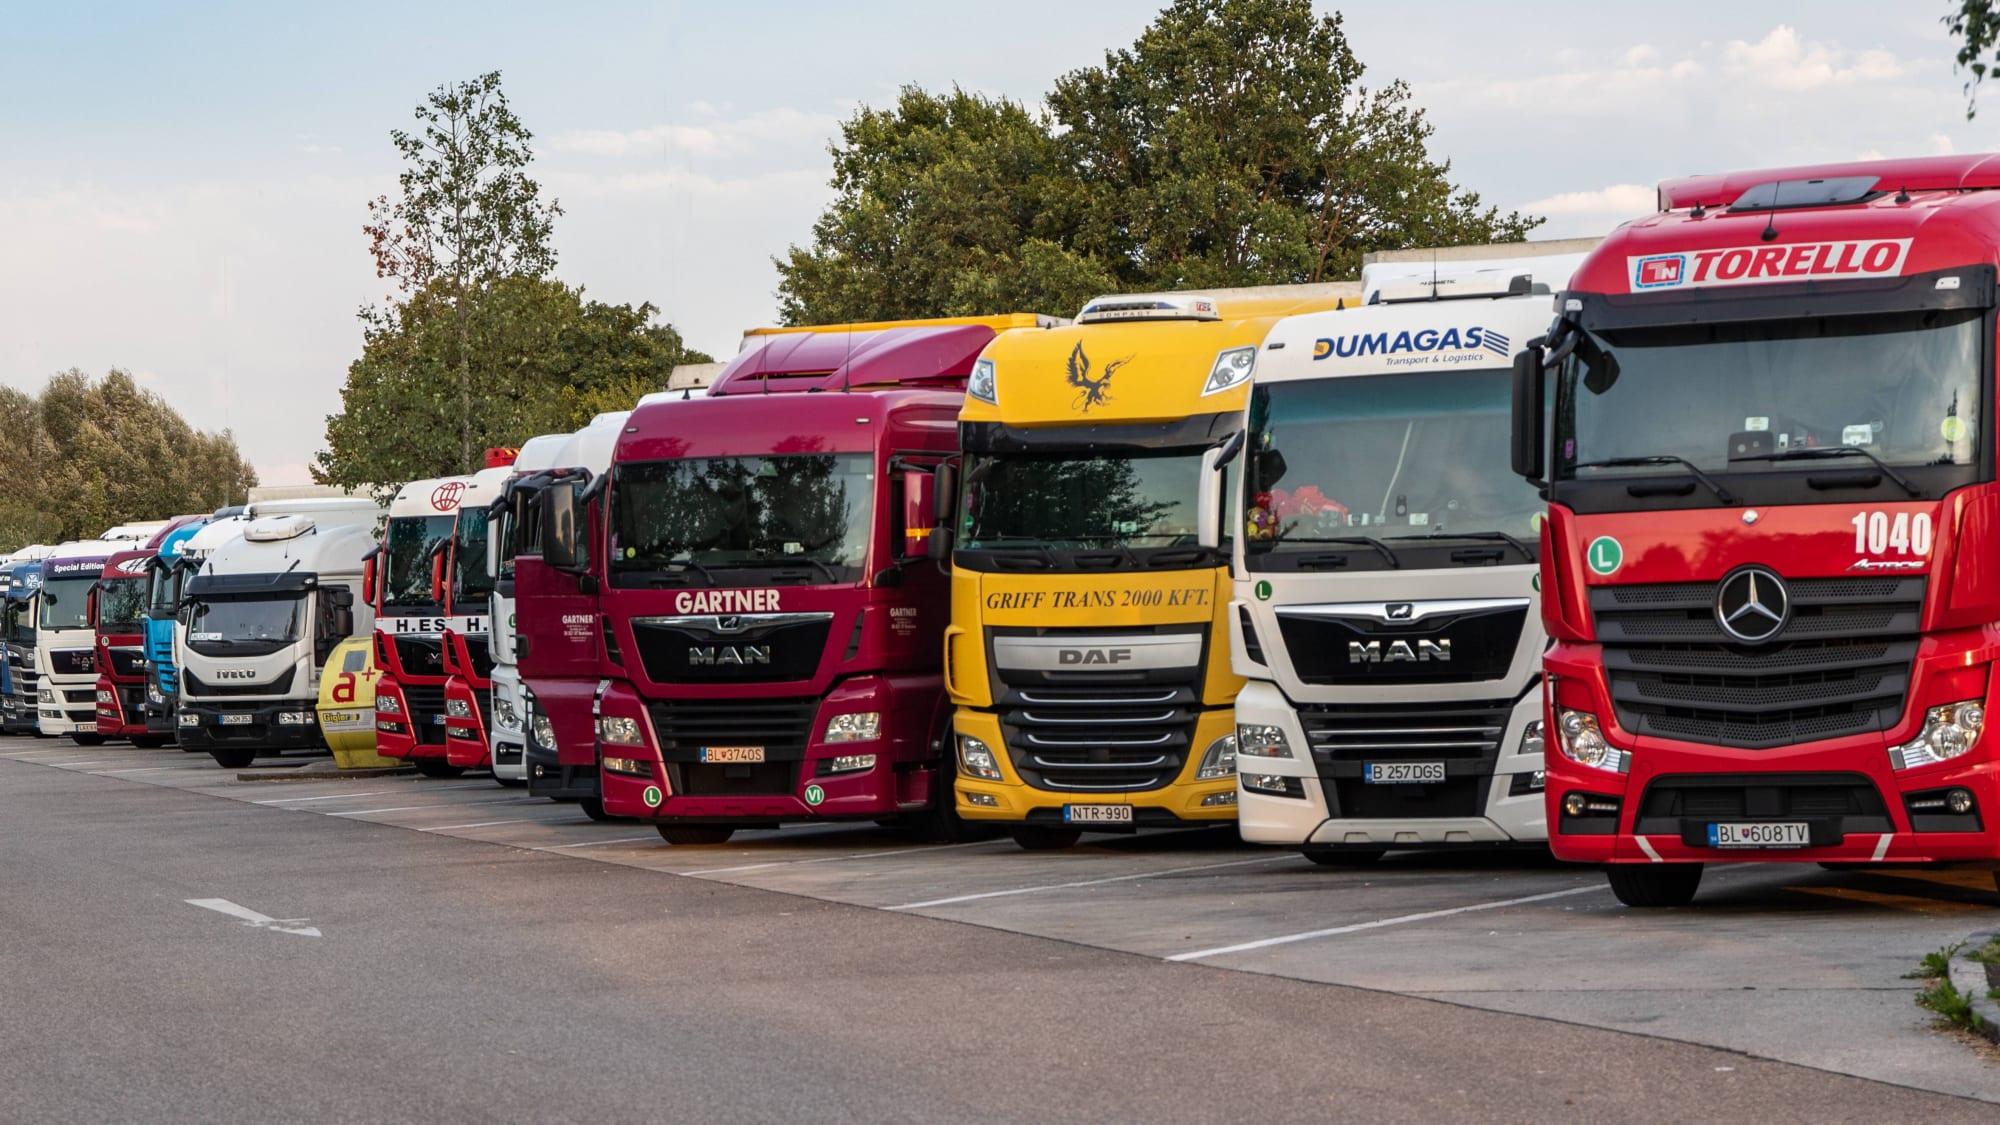 تطبيق حظر قيادة الشاحنات أيام الأحد والعطلات الرسمية في ألمانيا